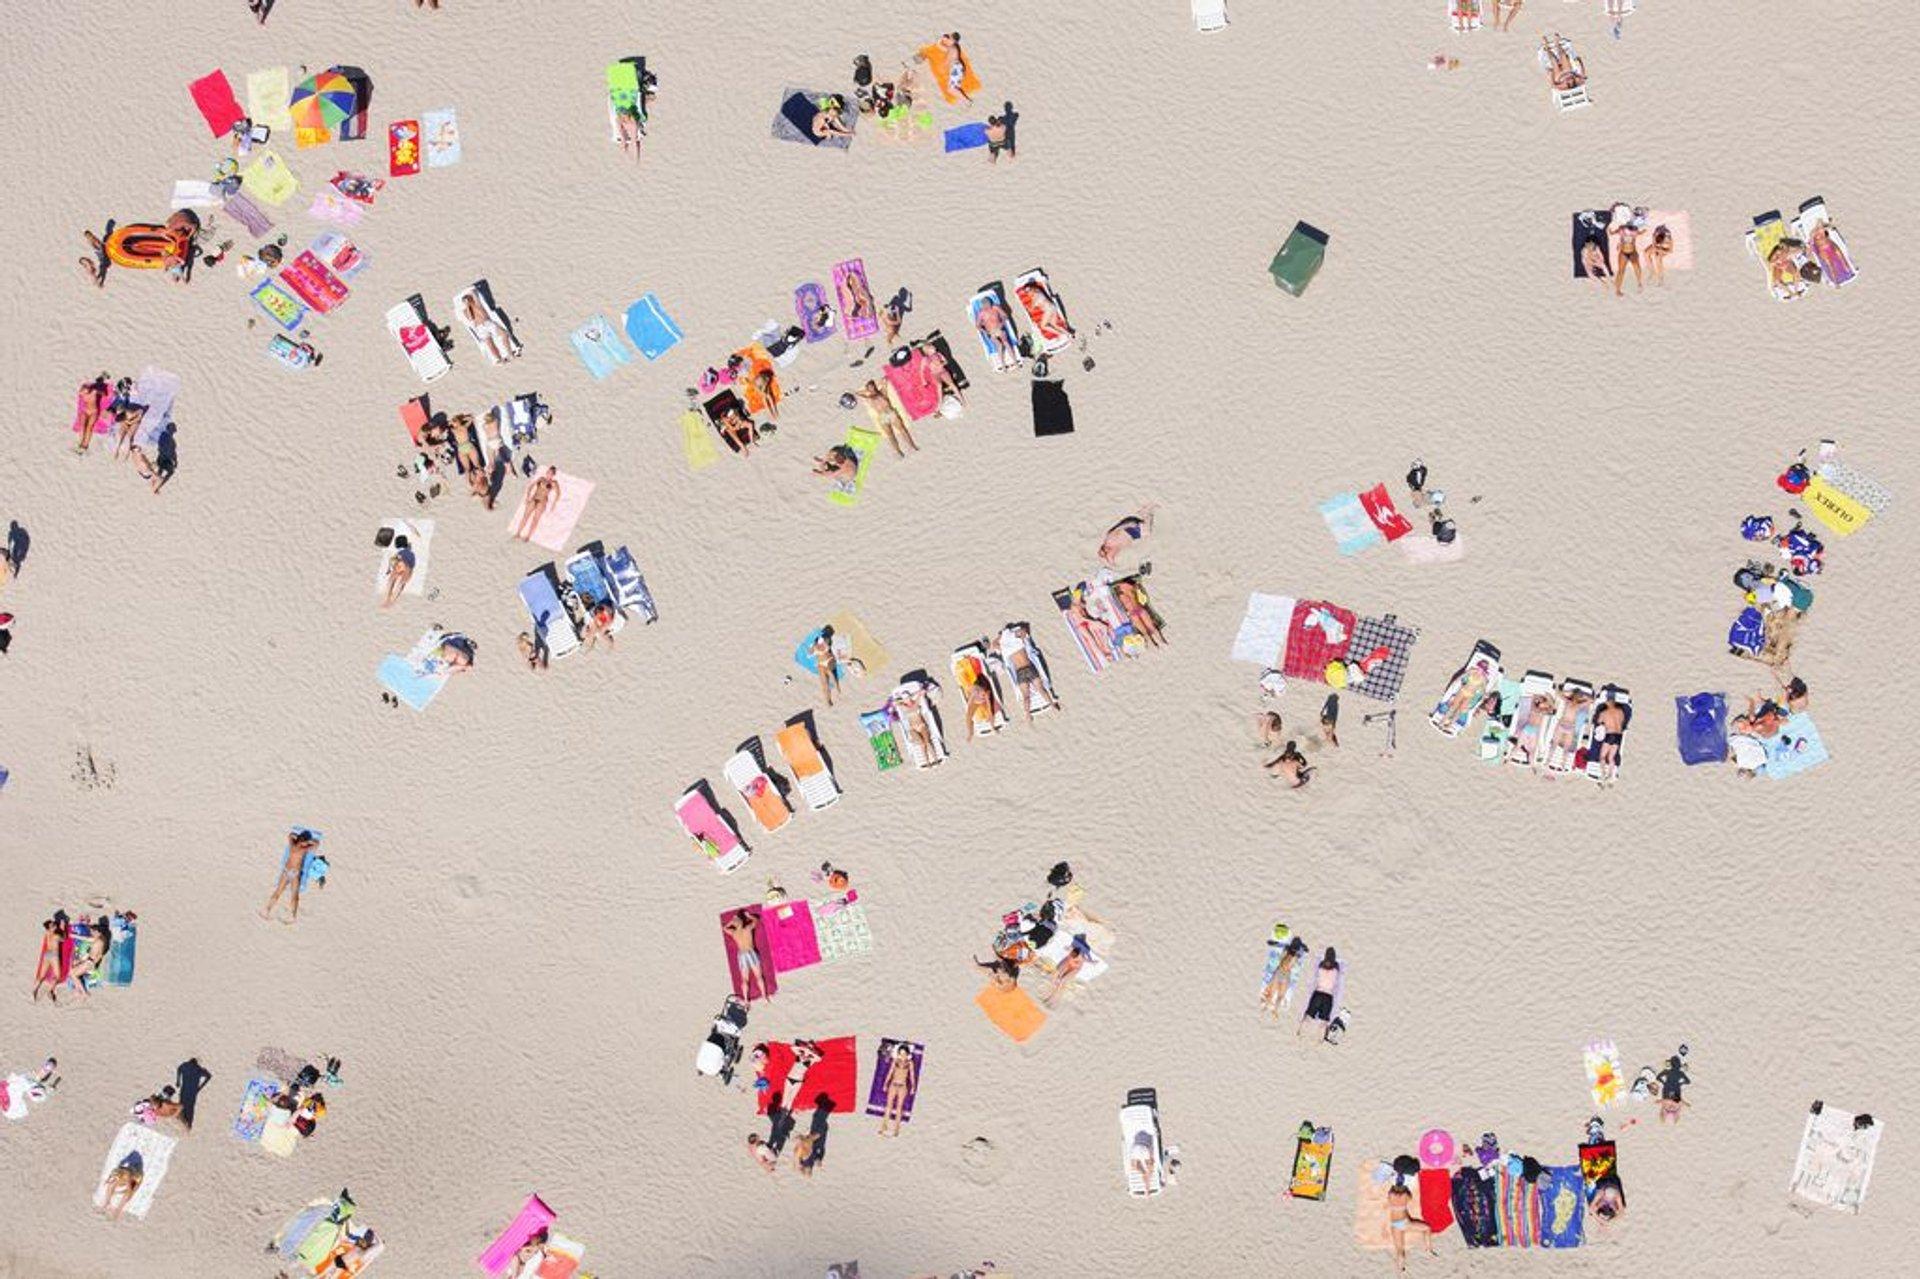 Pärnu beach  2019